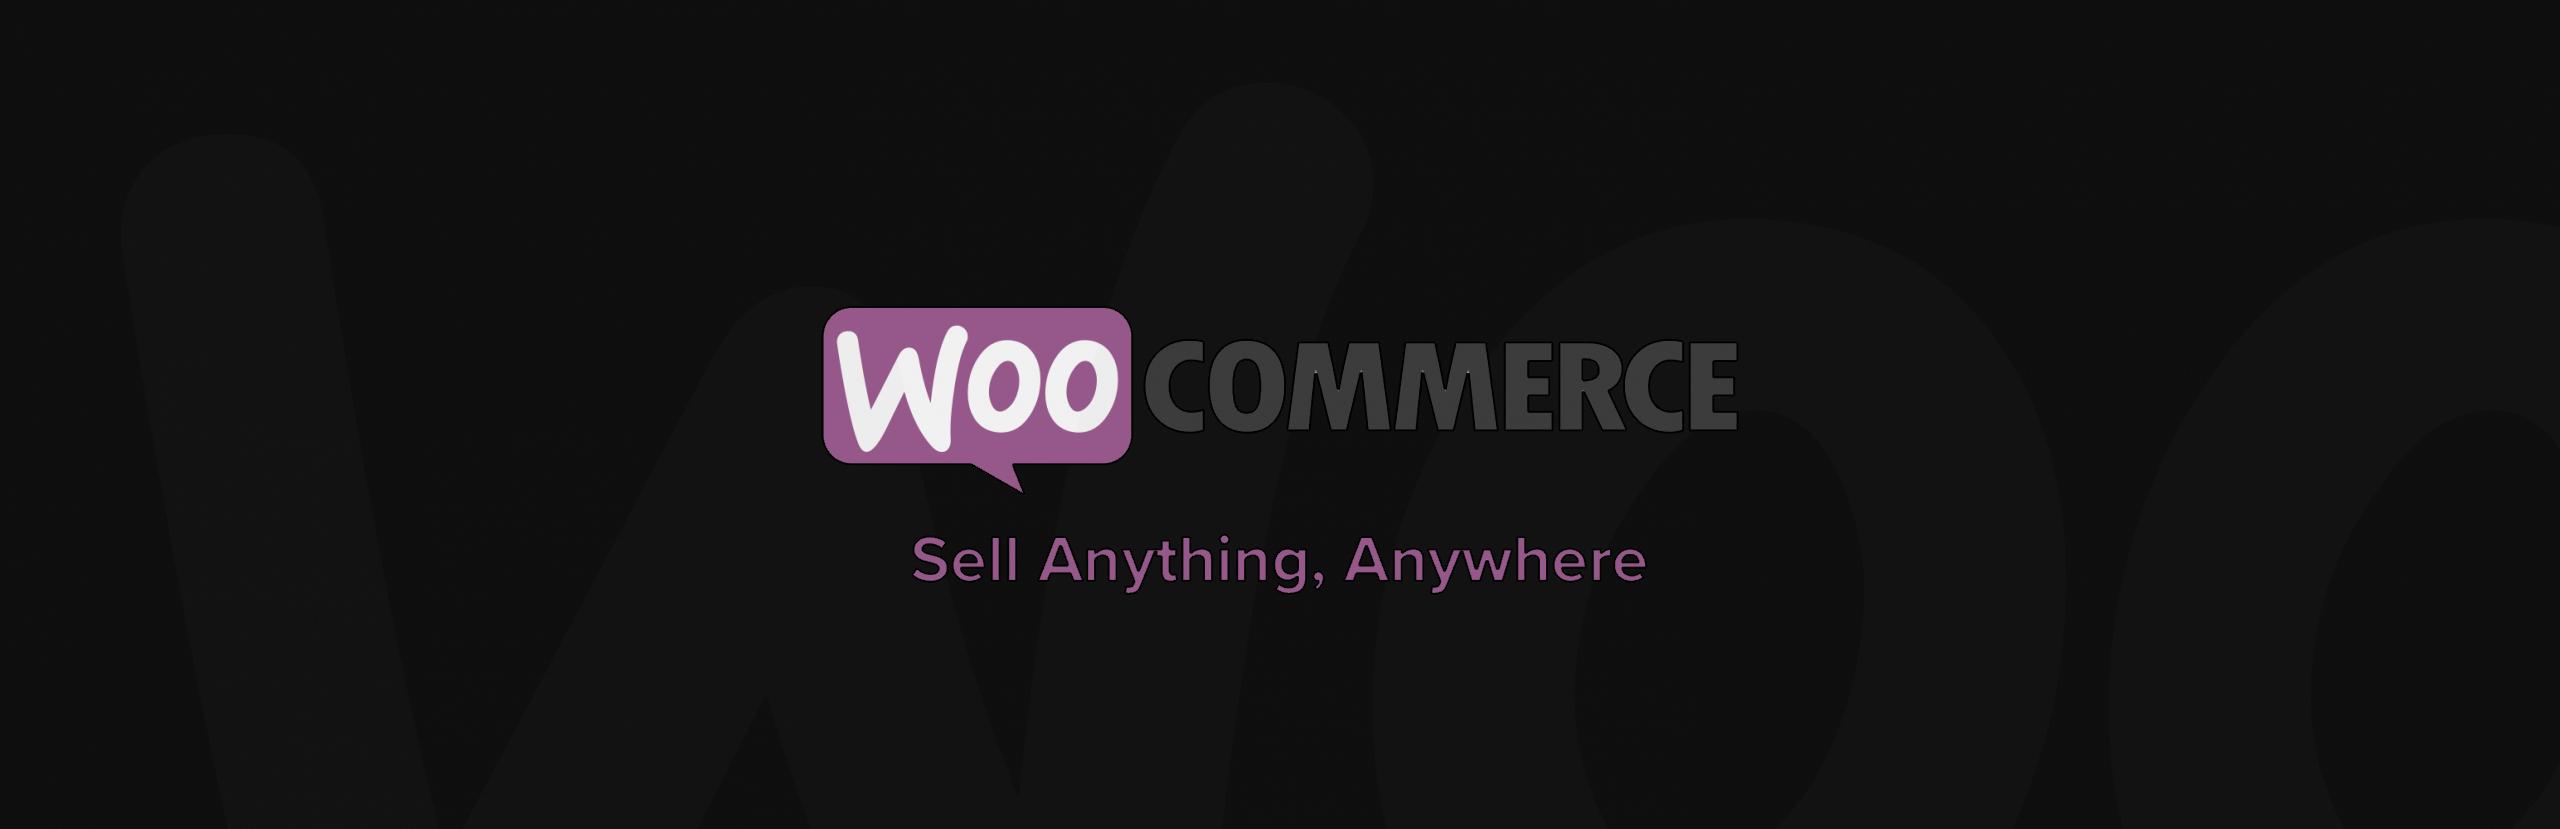 WooCommerce 4.0.0 – Eindelijk weer een major release